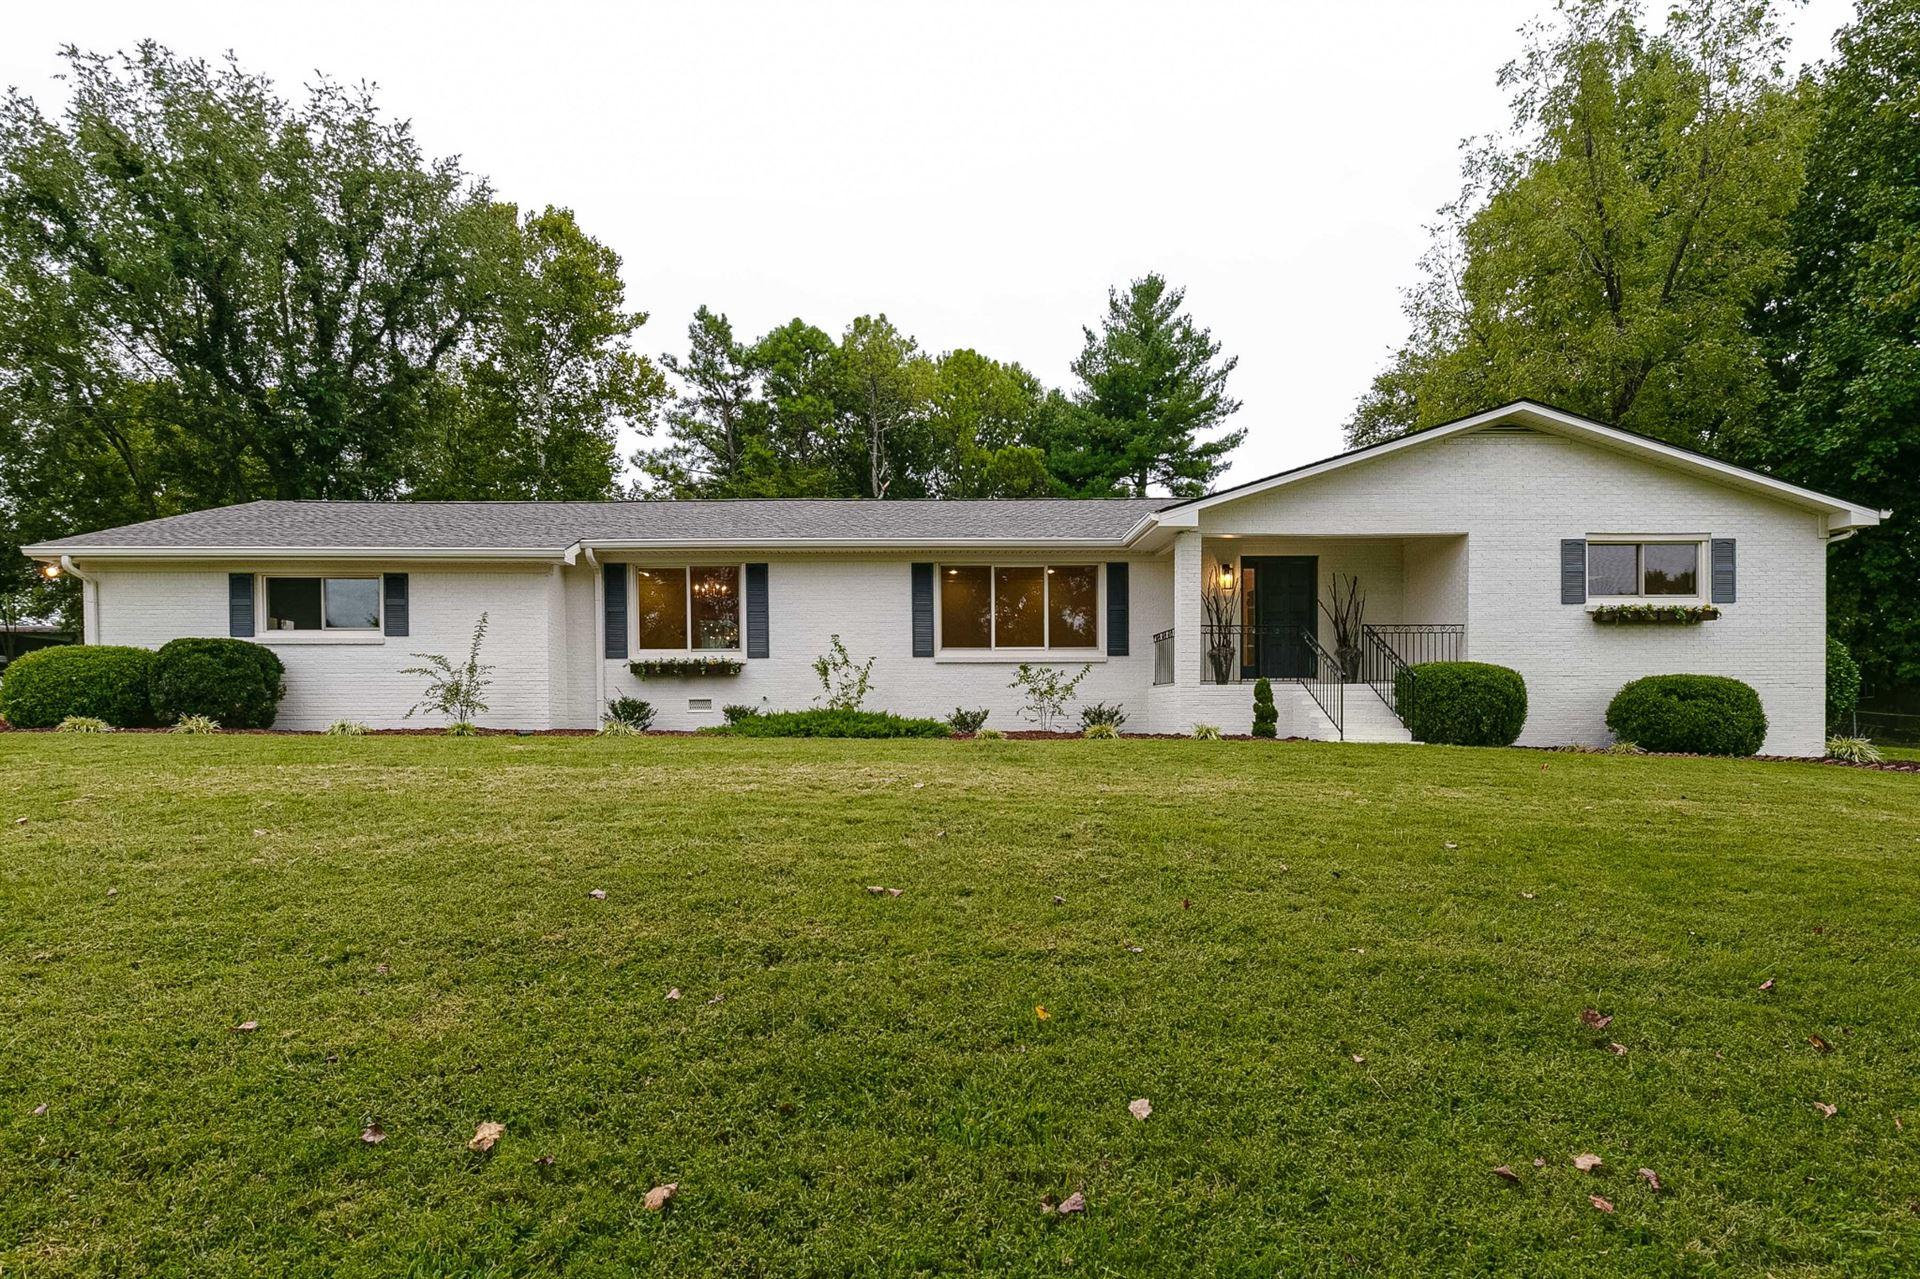 Photo of 2203 Oakwood Ct, Franklin, TN 37064 (MLS # 2191025)